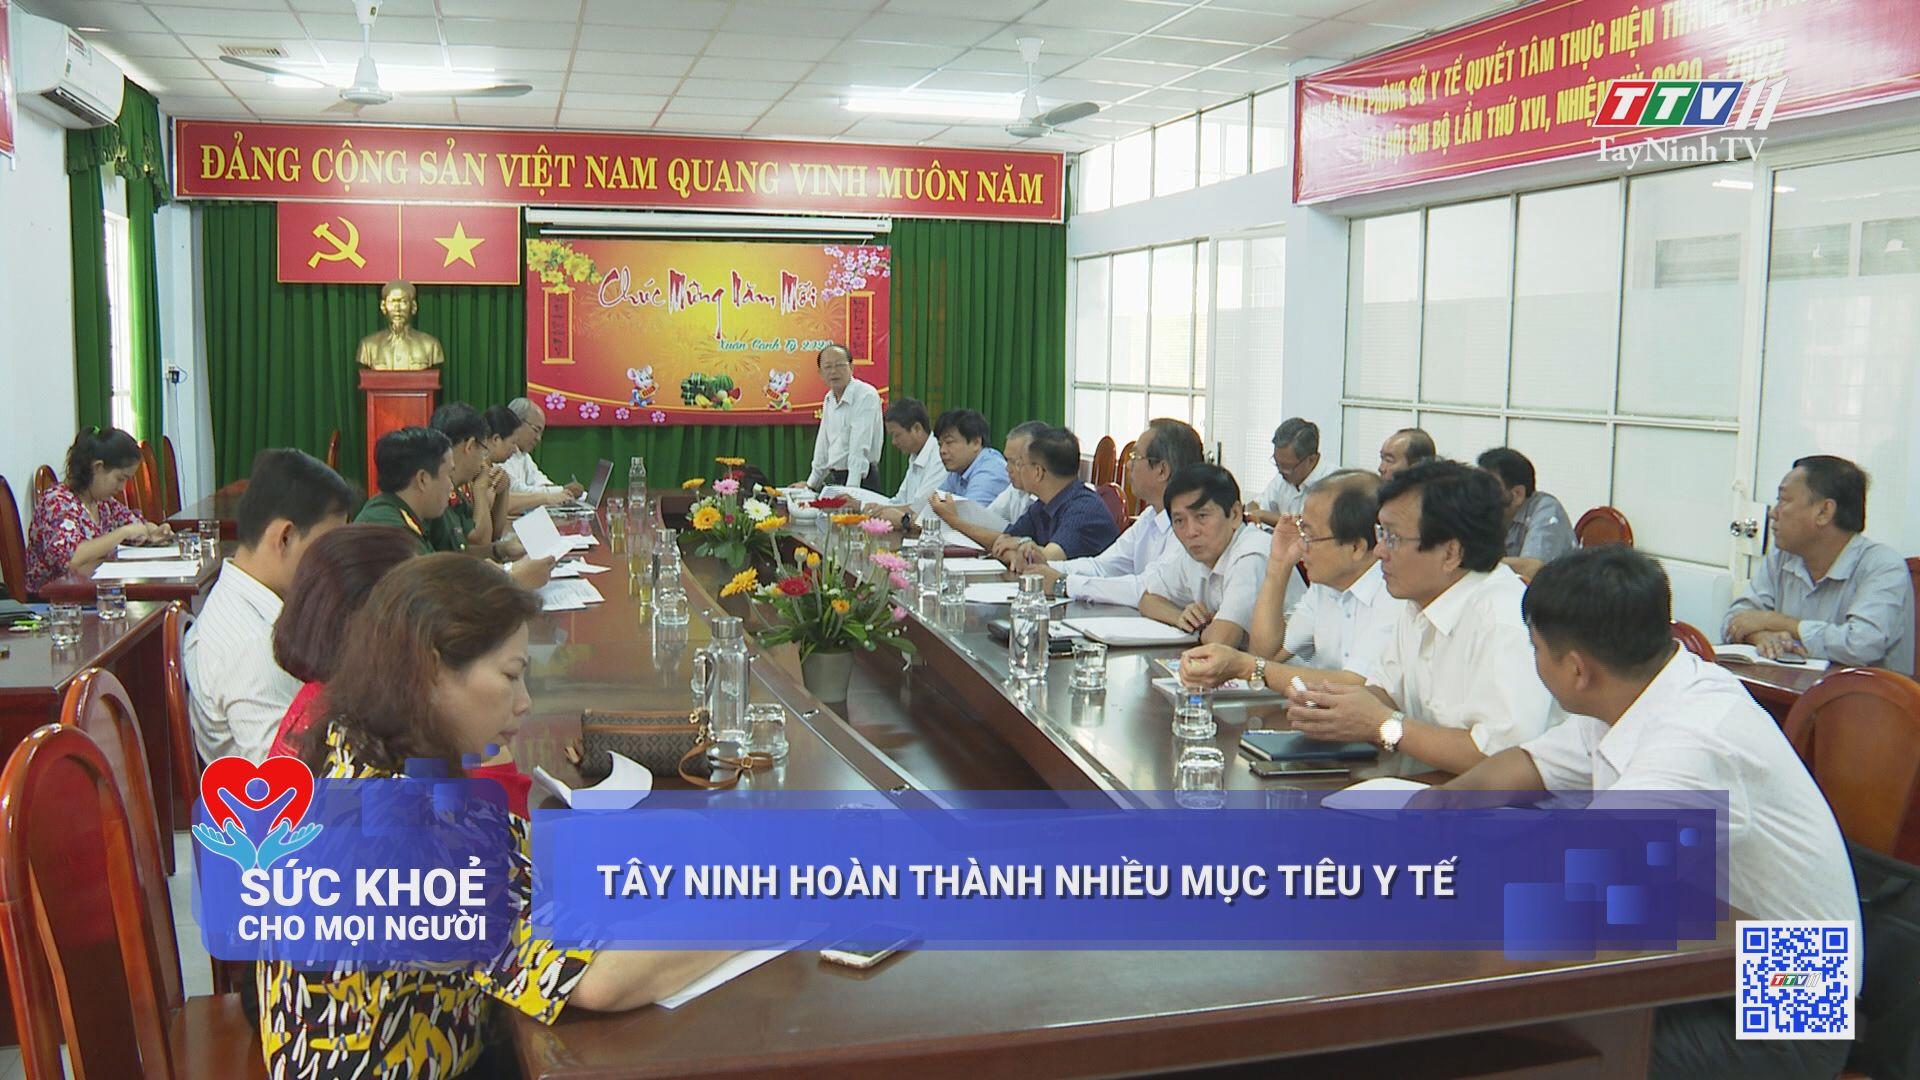 Tây Ninh hoàn thành nhiều mục tiêu y tế | SỨC KHỎE CHO MỌI NGƯỜI | TayNinhTV